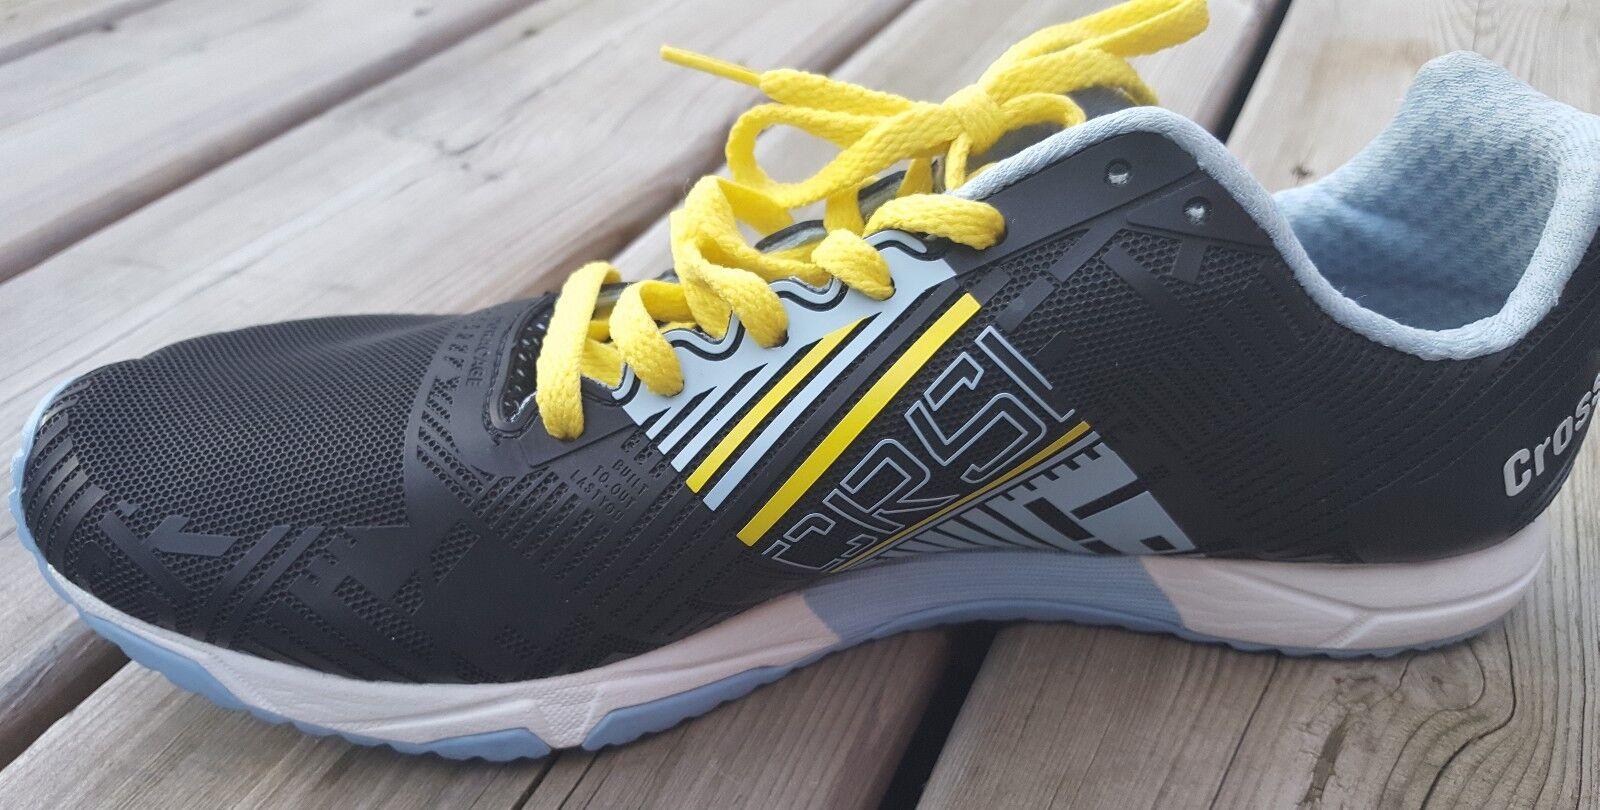 Reebok Crossfit Girnt 2.0 Training  scarpe Sz 9.5 NUOVO M47621 nero  109  comprare a buon mercato